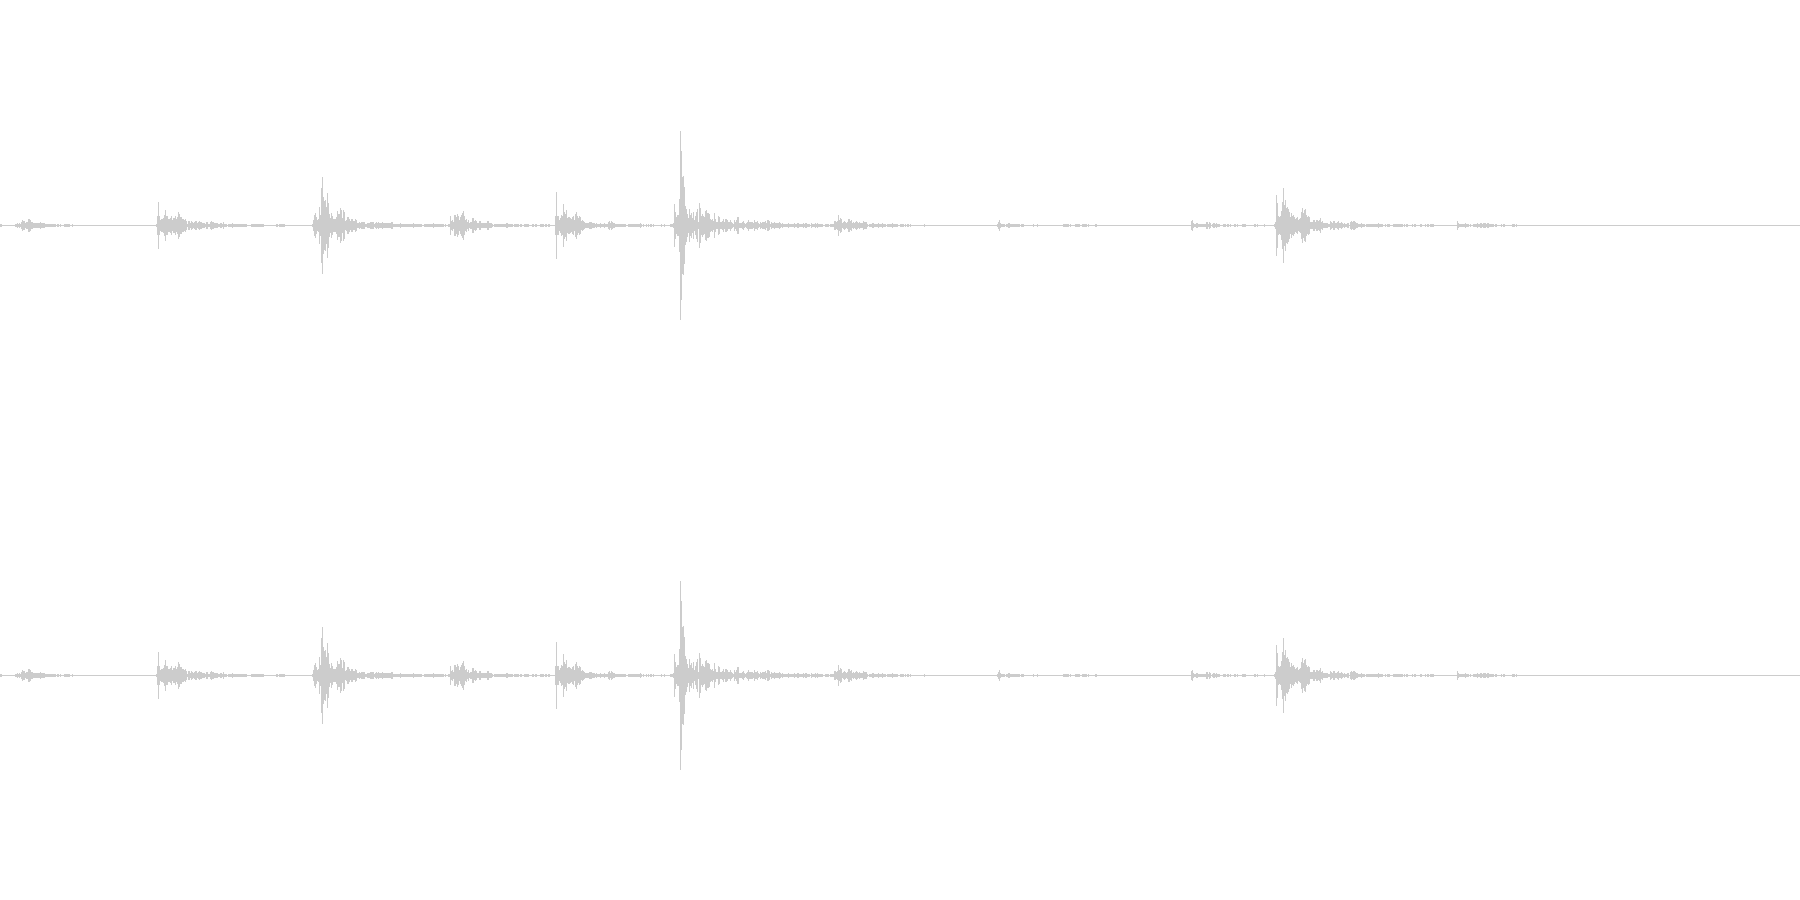 カタカタとキーボードを叩く音(薄型)の未再生の波形